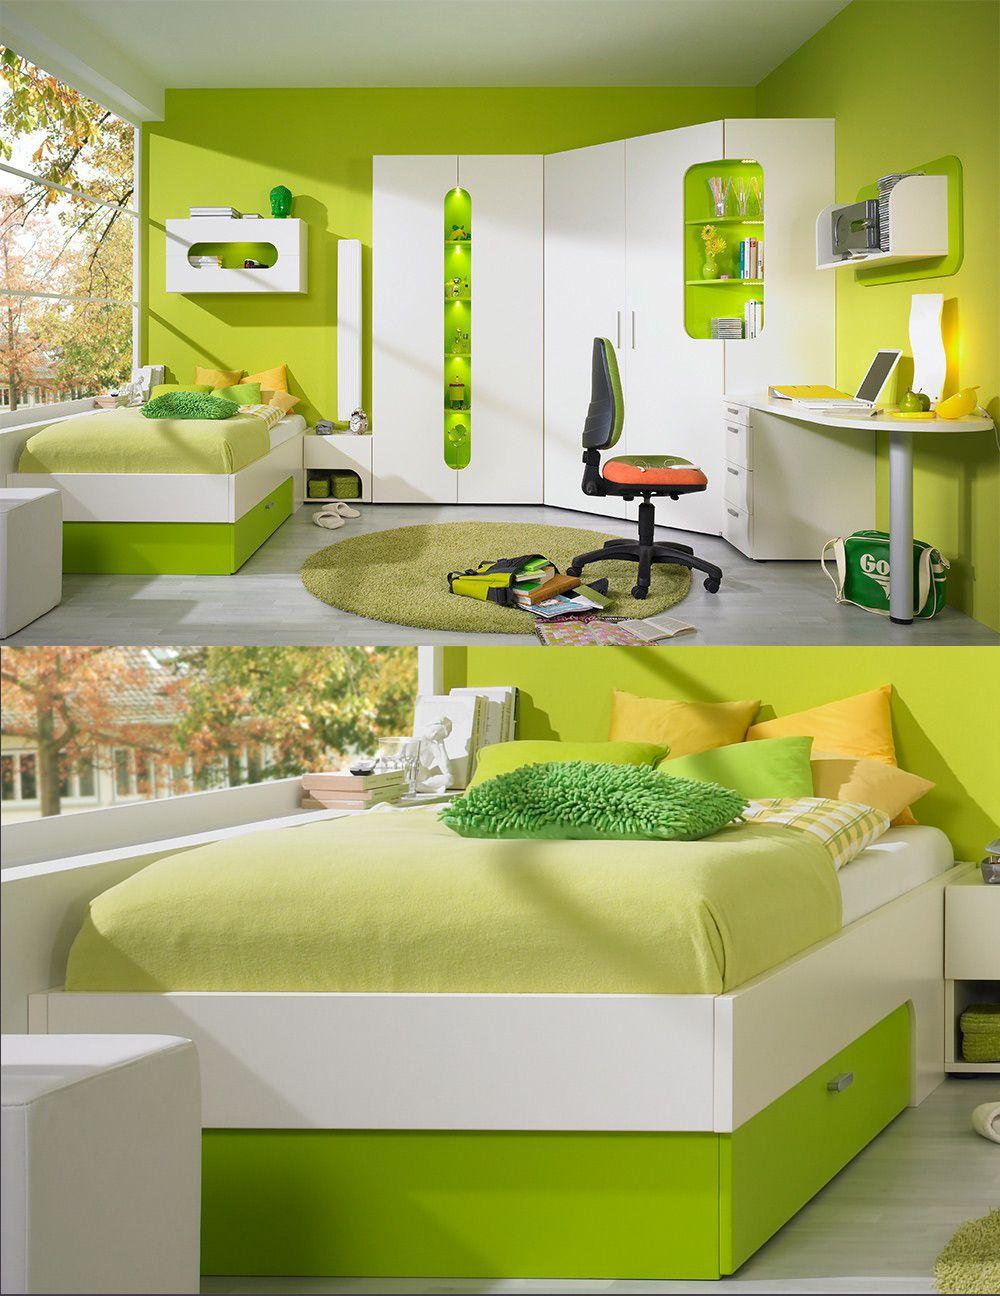 Leuchtendgrünes Jugendzimmer Max I | Im Frischen Look überzeugt Das  Jugendzimmer Max I Jeden Seiner Besucher Im Handumdrehen. #greenery  #Pantone #Farbe ...